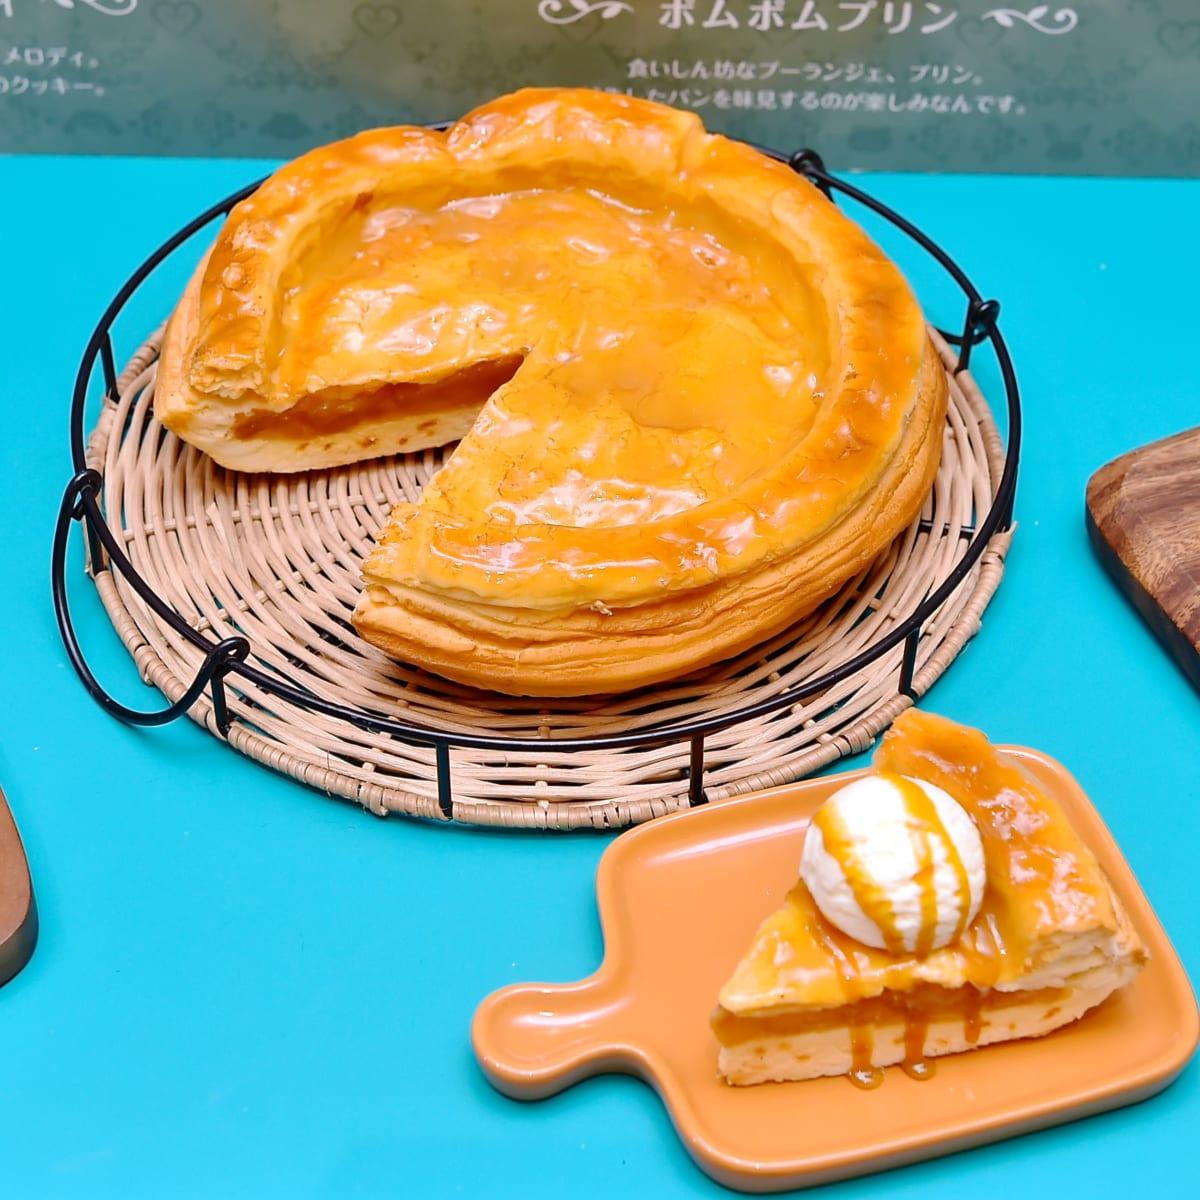 シェフオススメアップルケーキ